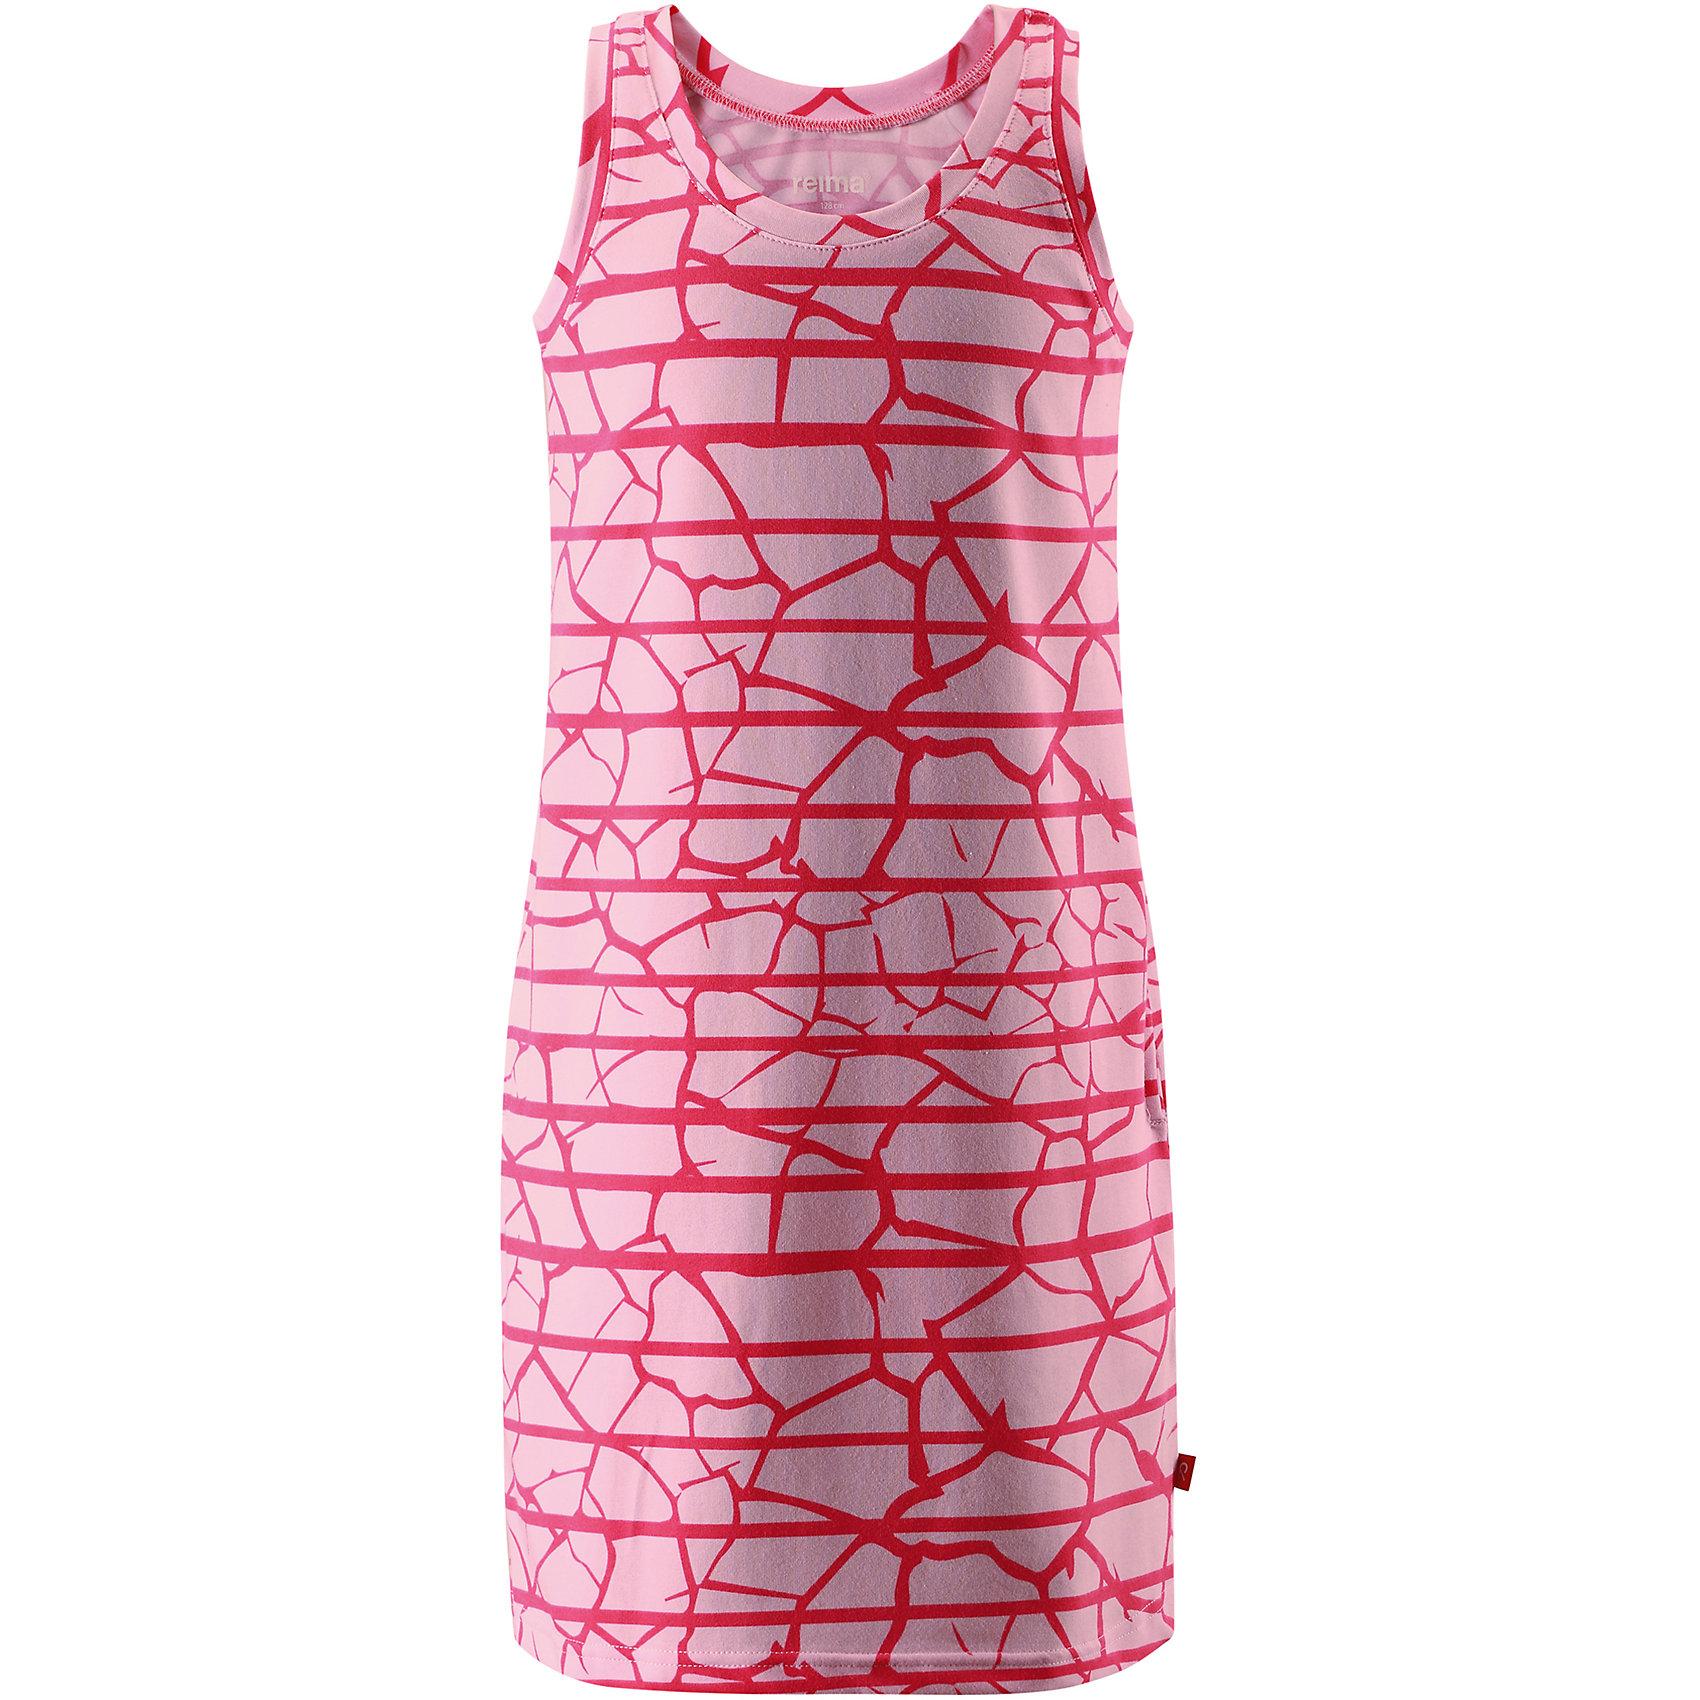 Платье для девочки ReimaПлатье для девочки от финского бренда Reima.<br>Платье для детей. Быстросохнущий материал Play Jersey, приятный на ощупь. Мягкий хлопчатобумажный верх, внутренняя поверхность хорошо выводит влагу. Фактор защиты от ультрафиолета 40+. Боковые карманы. Принт по всей поверхности.<br>Состав:<br>65% Хлопок, 30% полиэстер, 5% эластан<br><br>Уход:<br>Стирать и гладить, вывернув наизнанку. Cтирать с бельем одинакового цвета. Стирать моющим средством, не содержащим отбеливающие вещества. Полоскать без специального средства. Придать первоначальную форму вo влажном виде.<br><br>Ширина мм: 236<br>Глубина мм: 16<br>Высота мм: 184<br>Вес г: 177<br>Цвет: розовый<br>Возраст от месяцев: 120<br>Возраст до месяцев: 132<br>Пол: Женский<br>Возраст: Детский<br>Размер: 146,122,152,164,104,110,116,158,128,134,140<br>SKU: 5267461